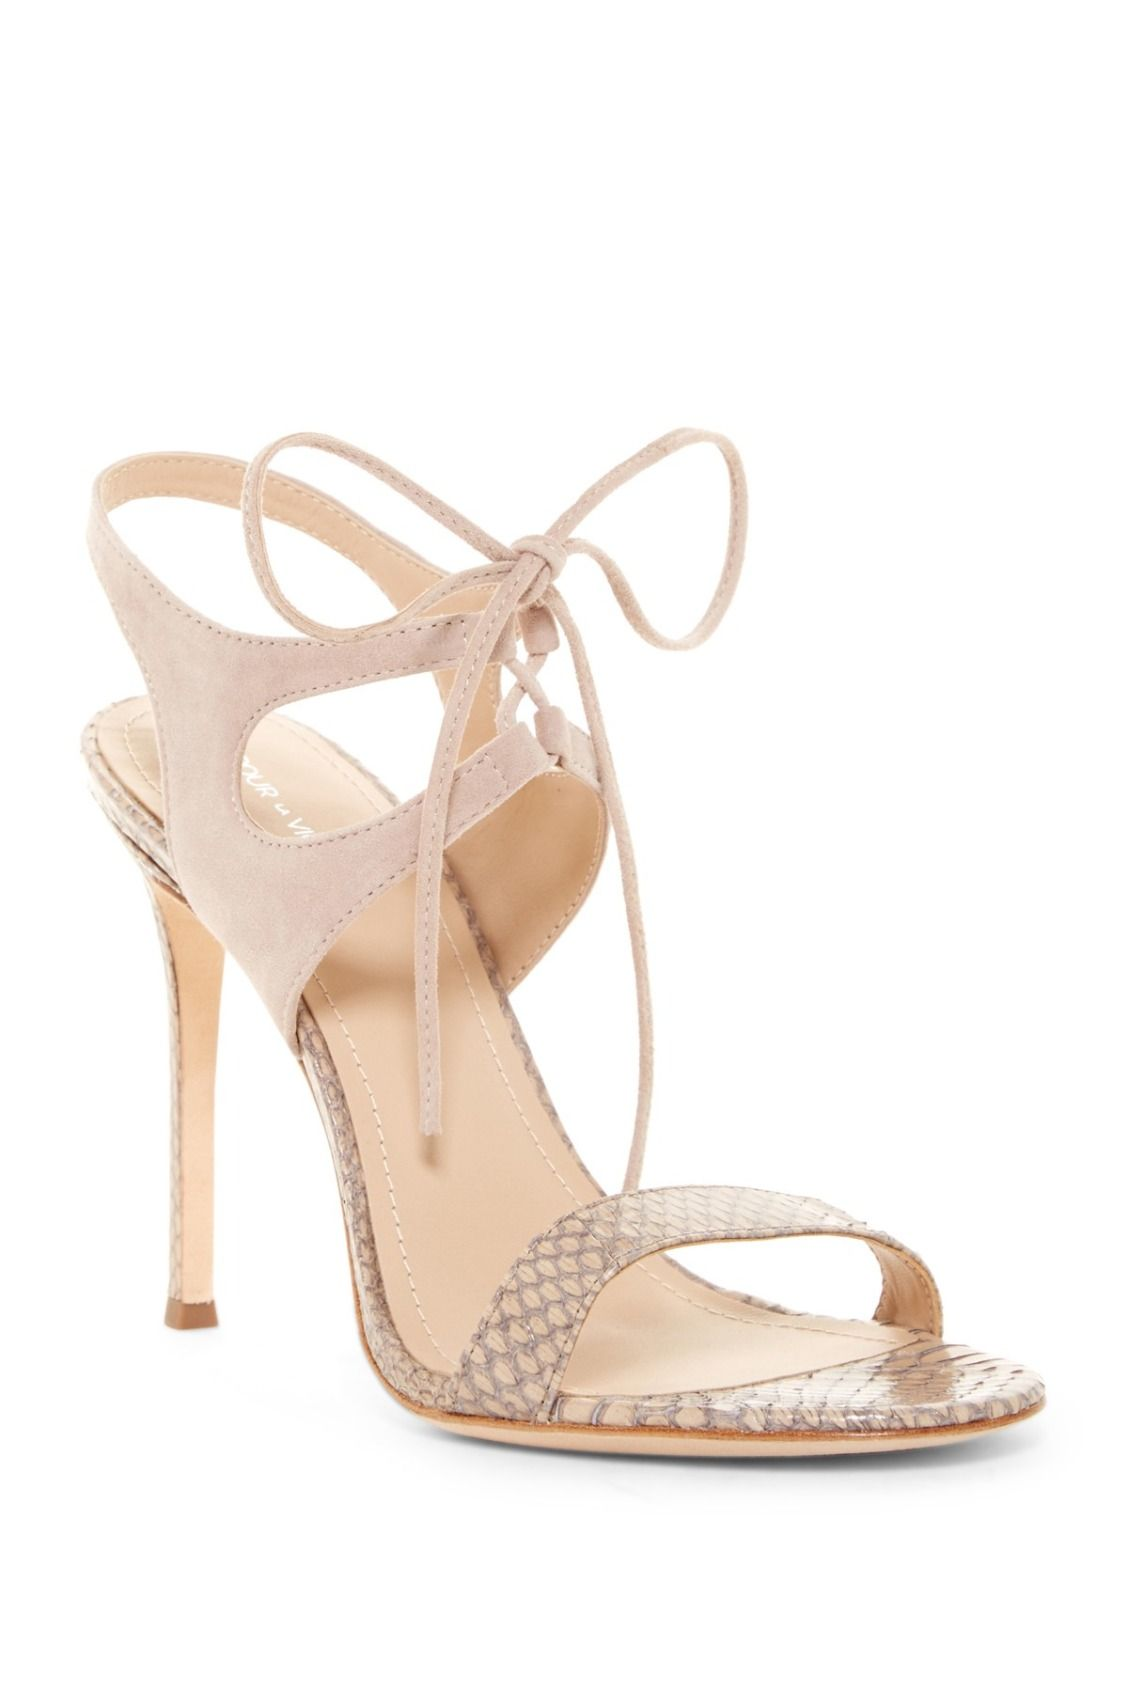 560adf01227 Bude beauties. Pour La Victoire Elisa Strap Sandals